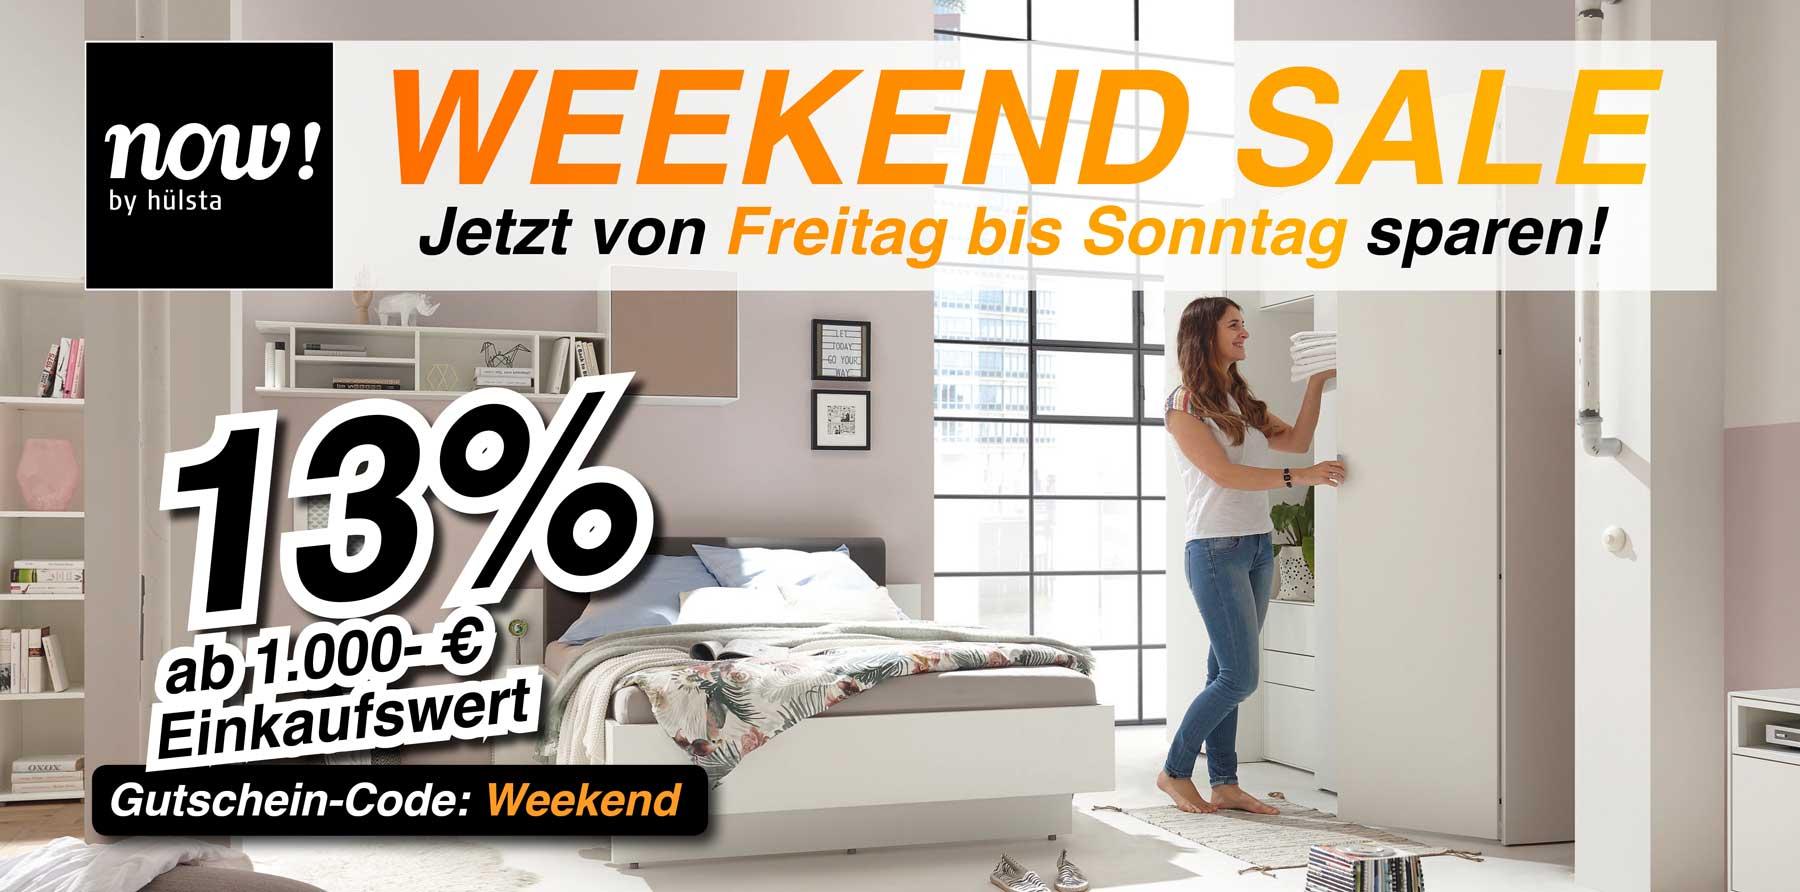 +++ Jetzt schnell am Wochenende sparen +++